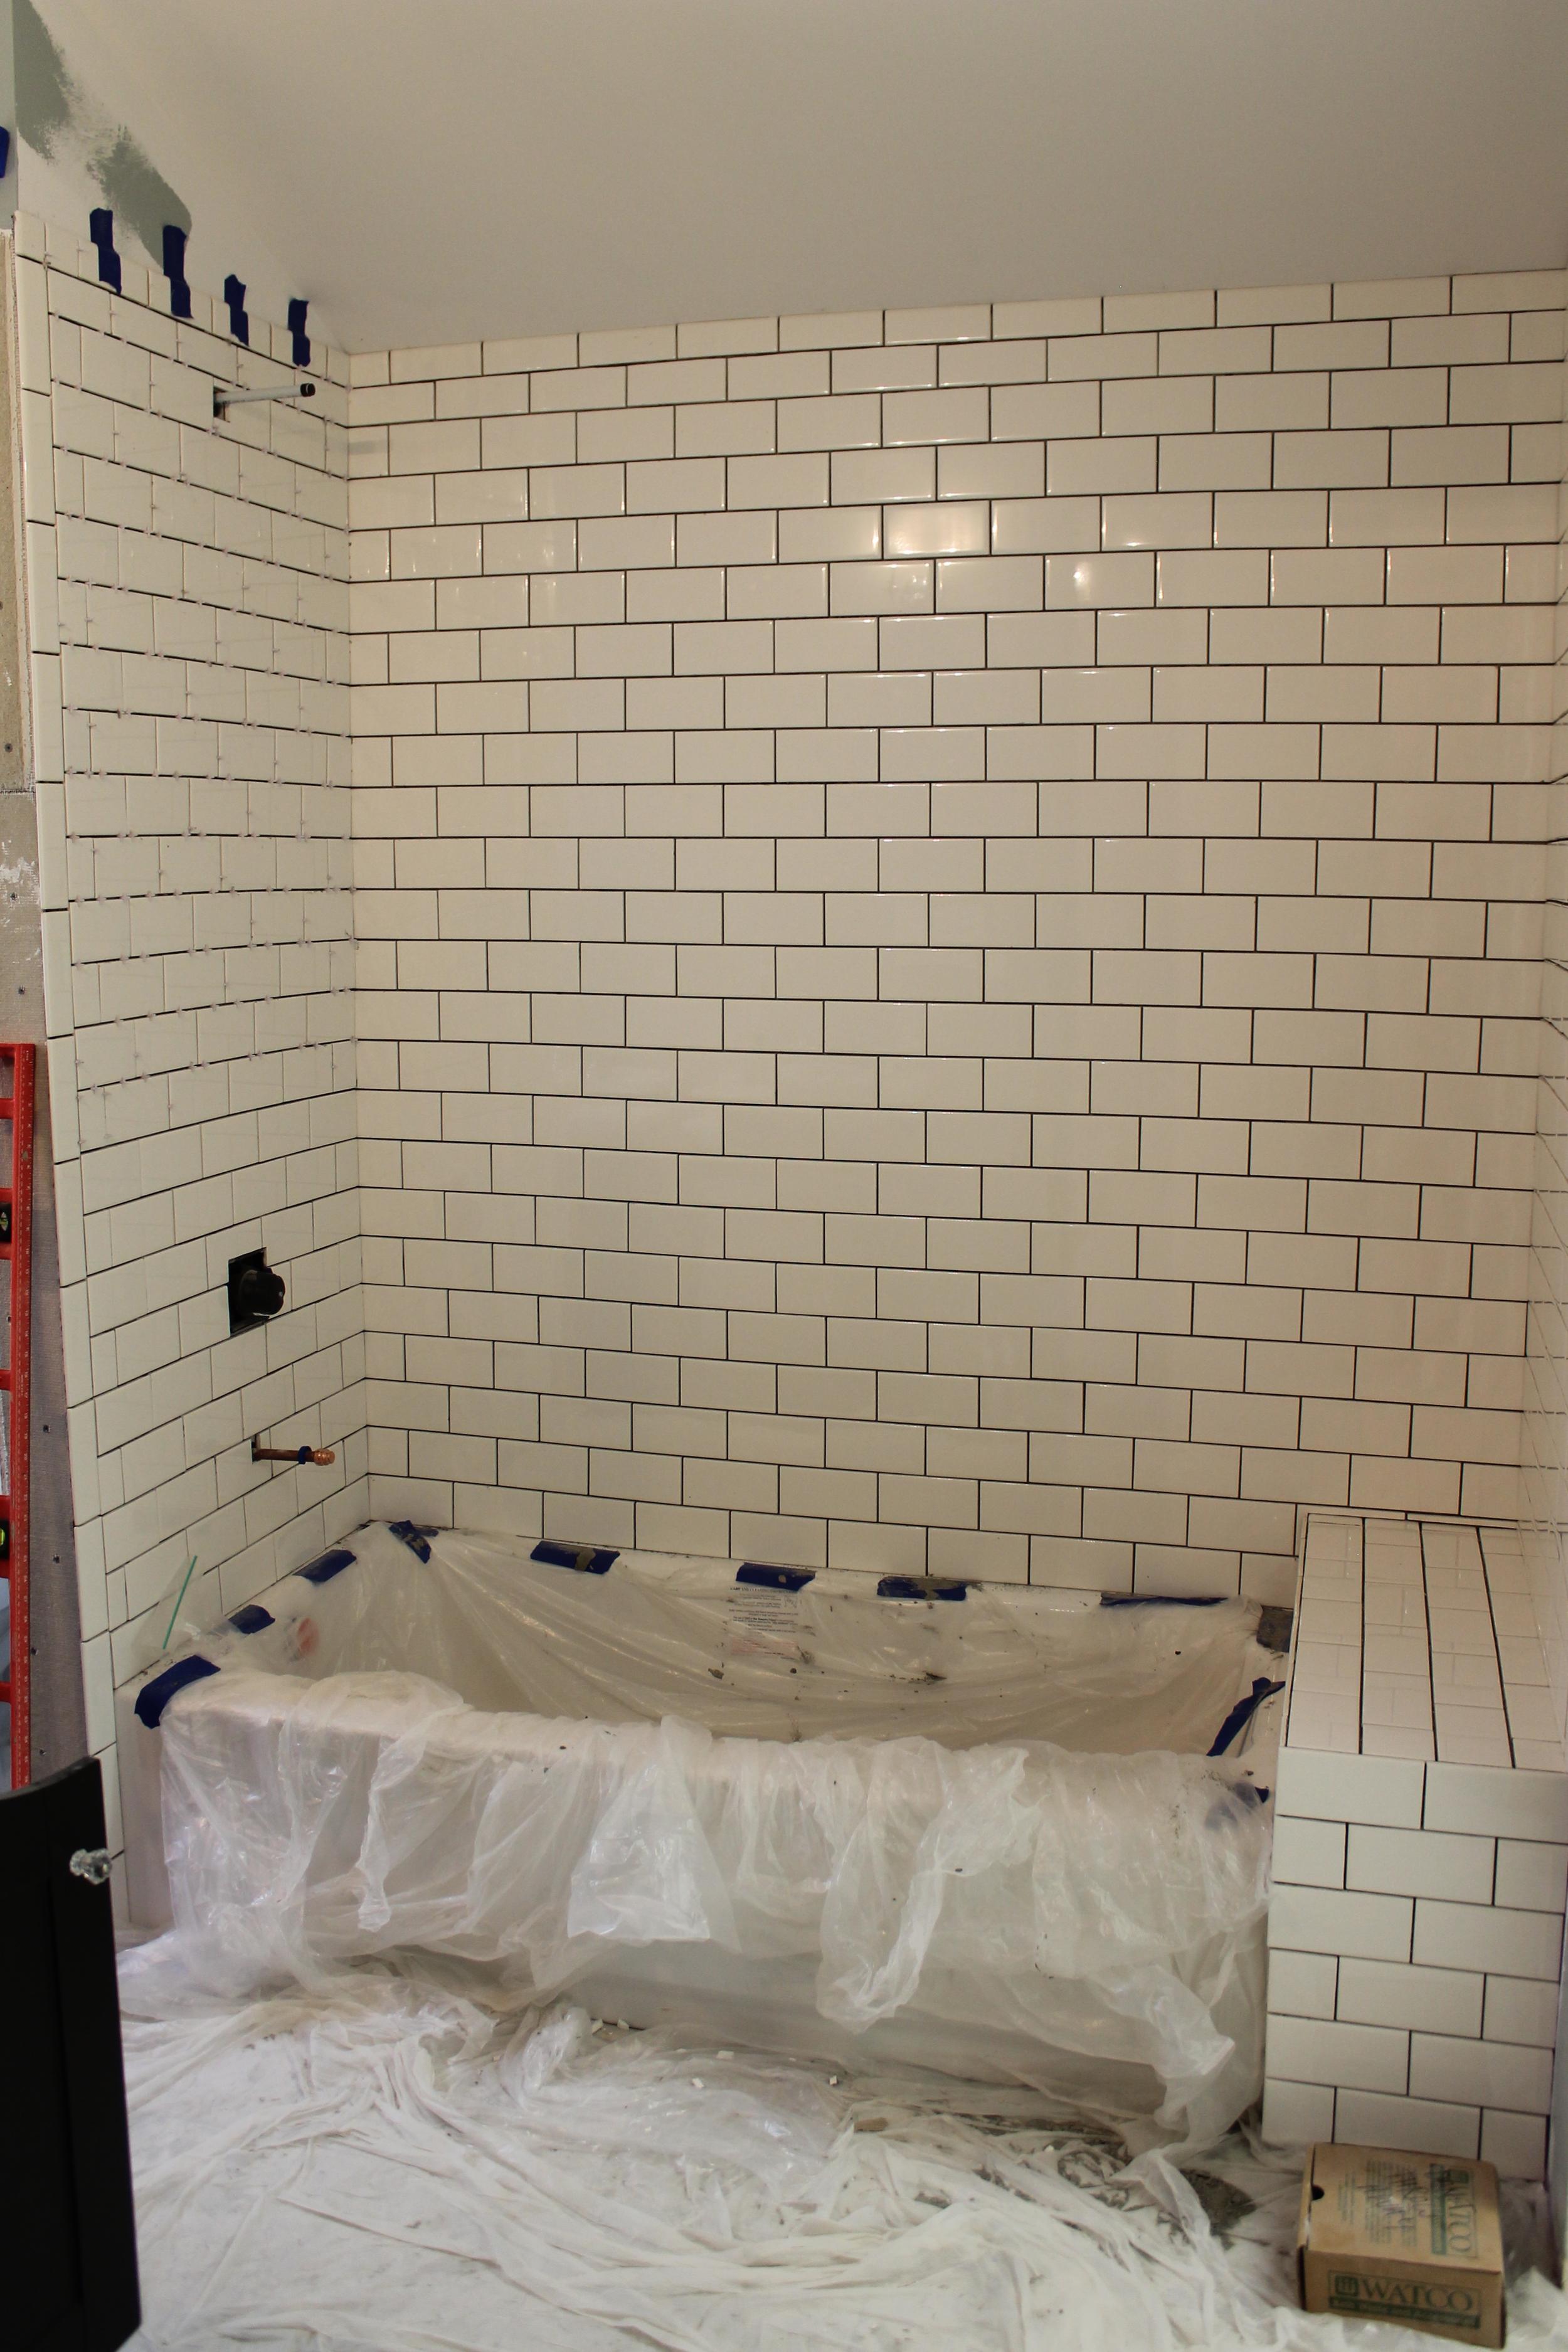 Elizabeth Burns Design | Installing Tile, Subway Tile DIY